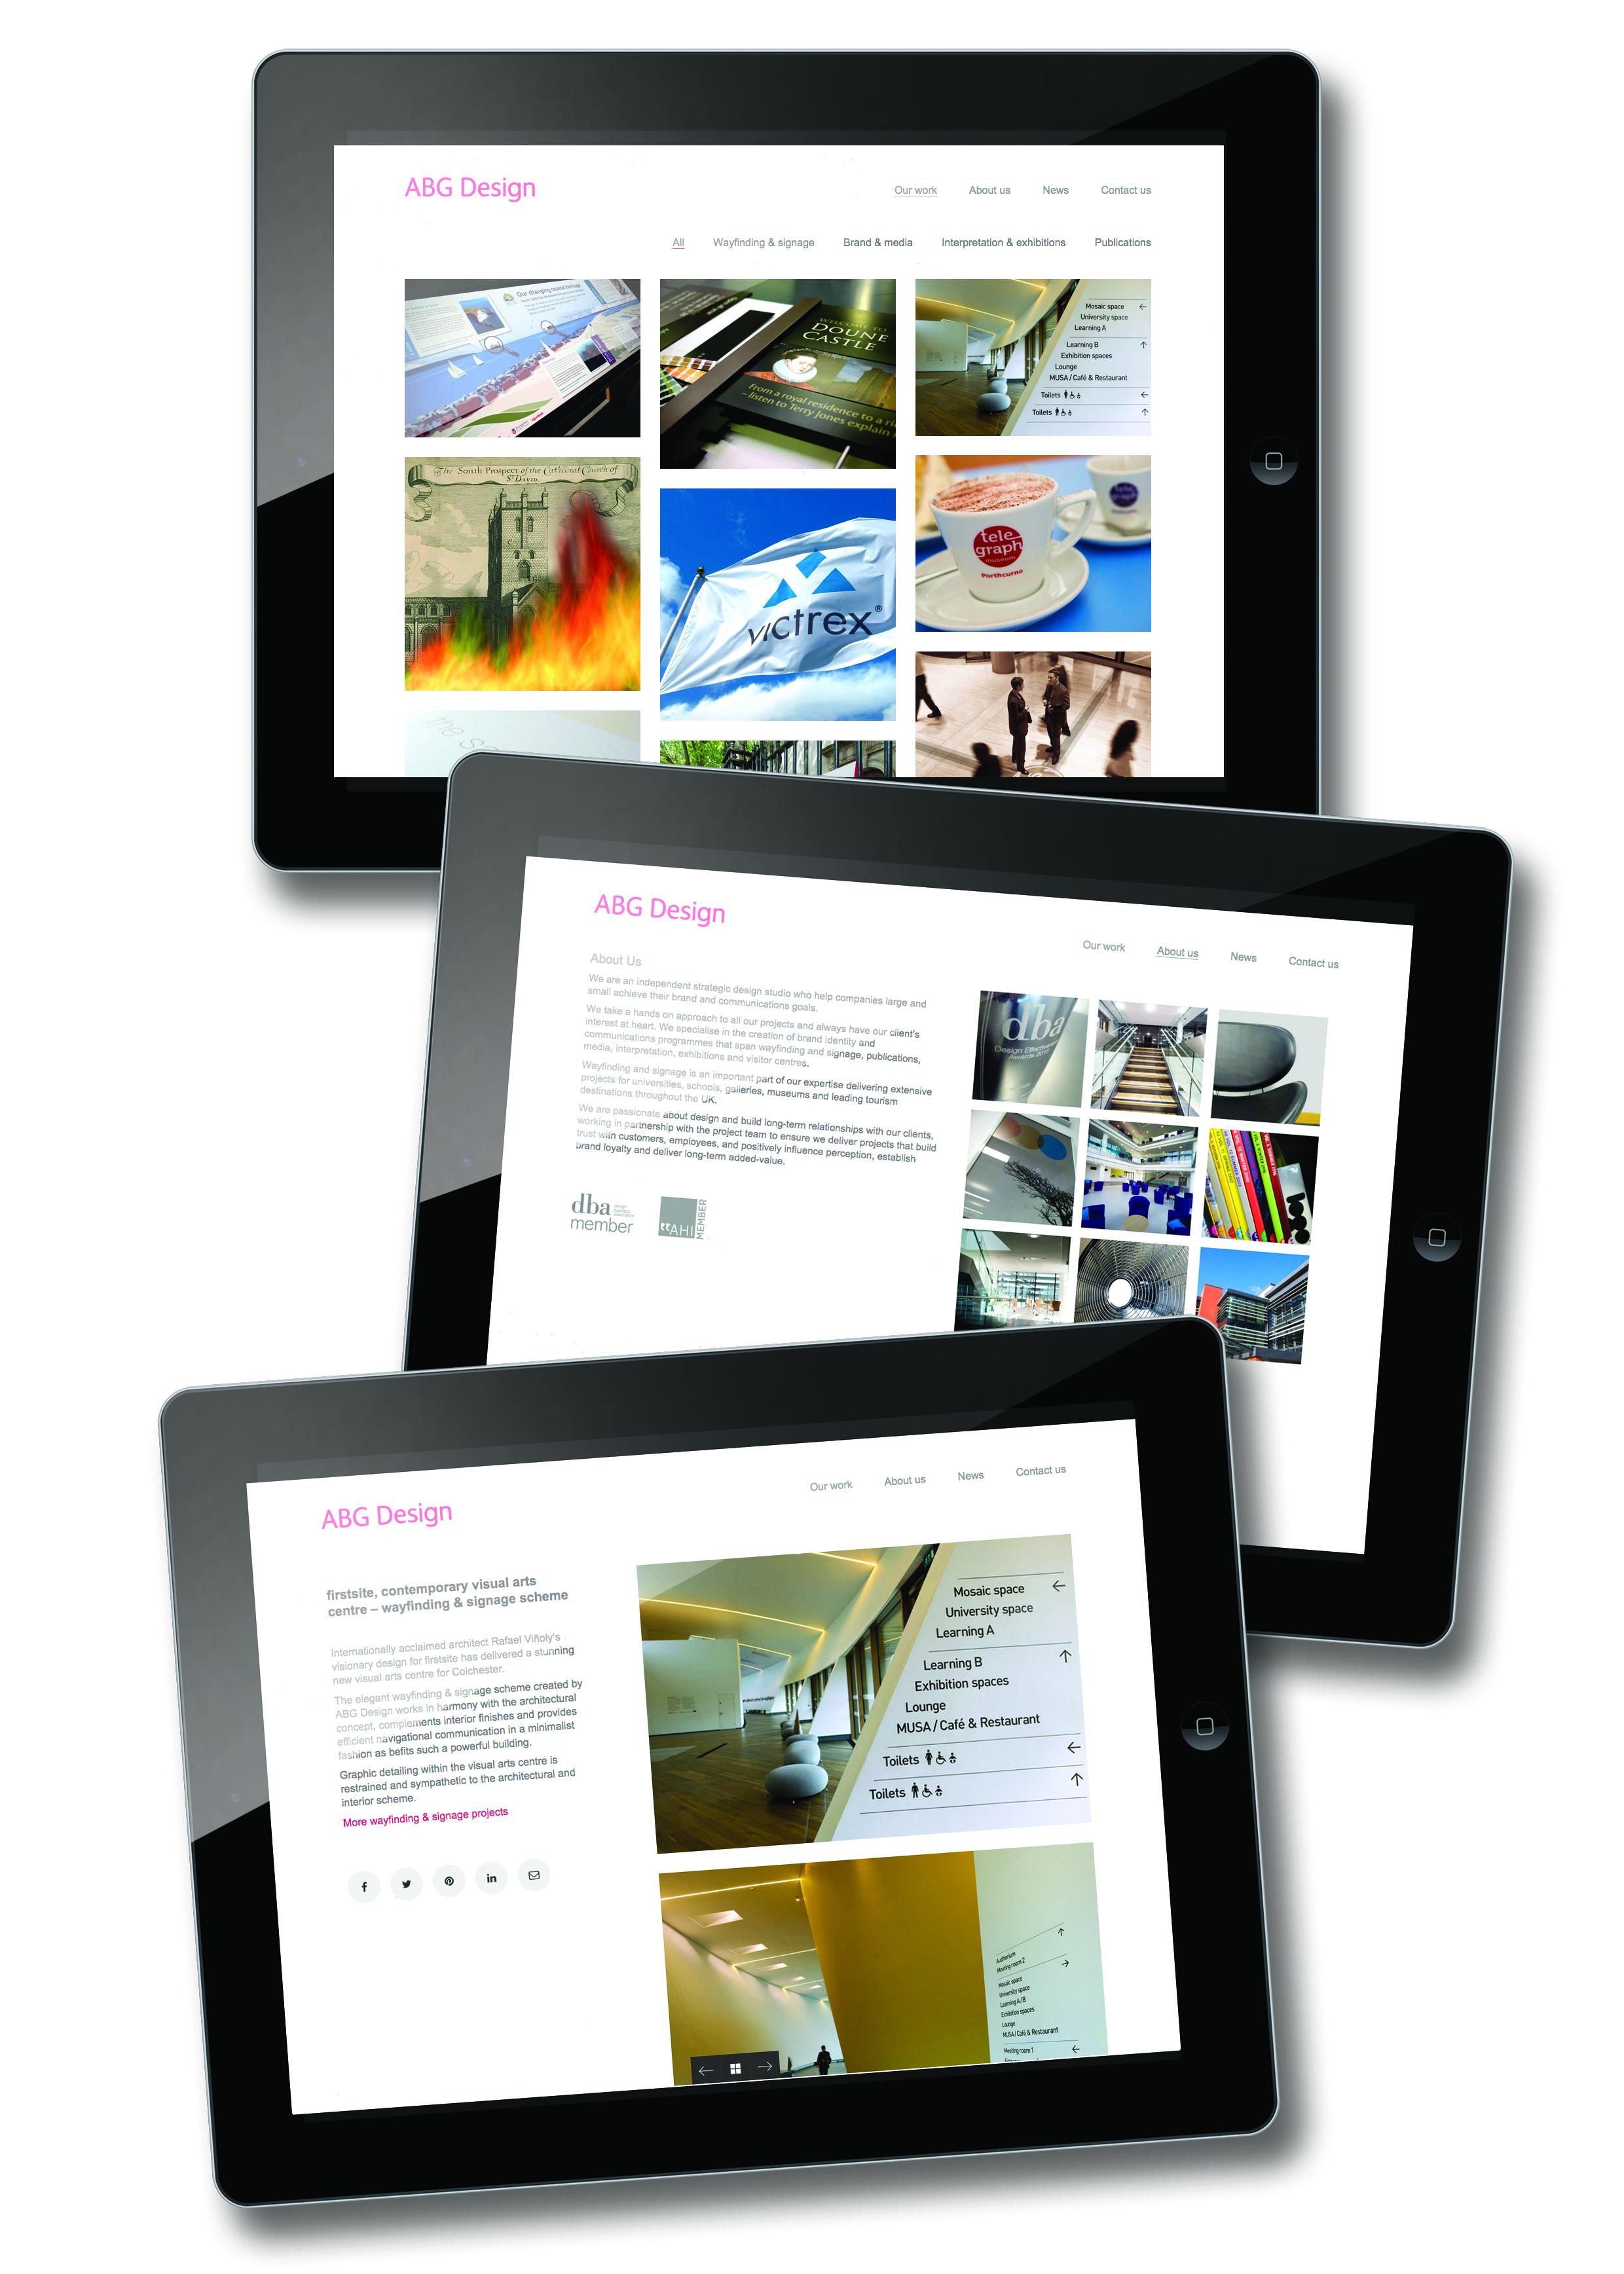 ipad+webScreens_hi